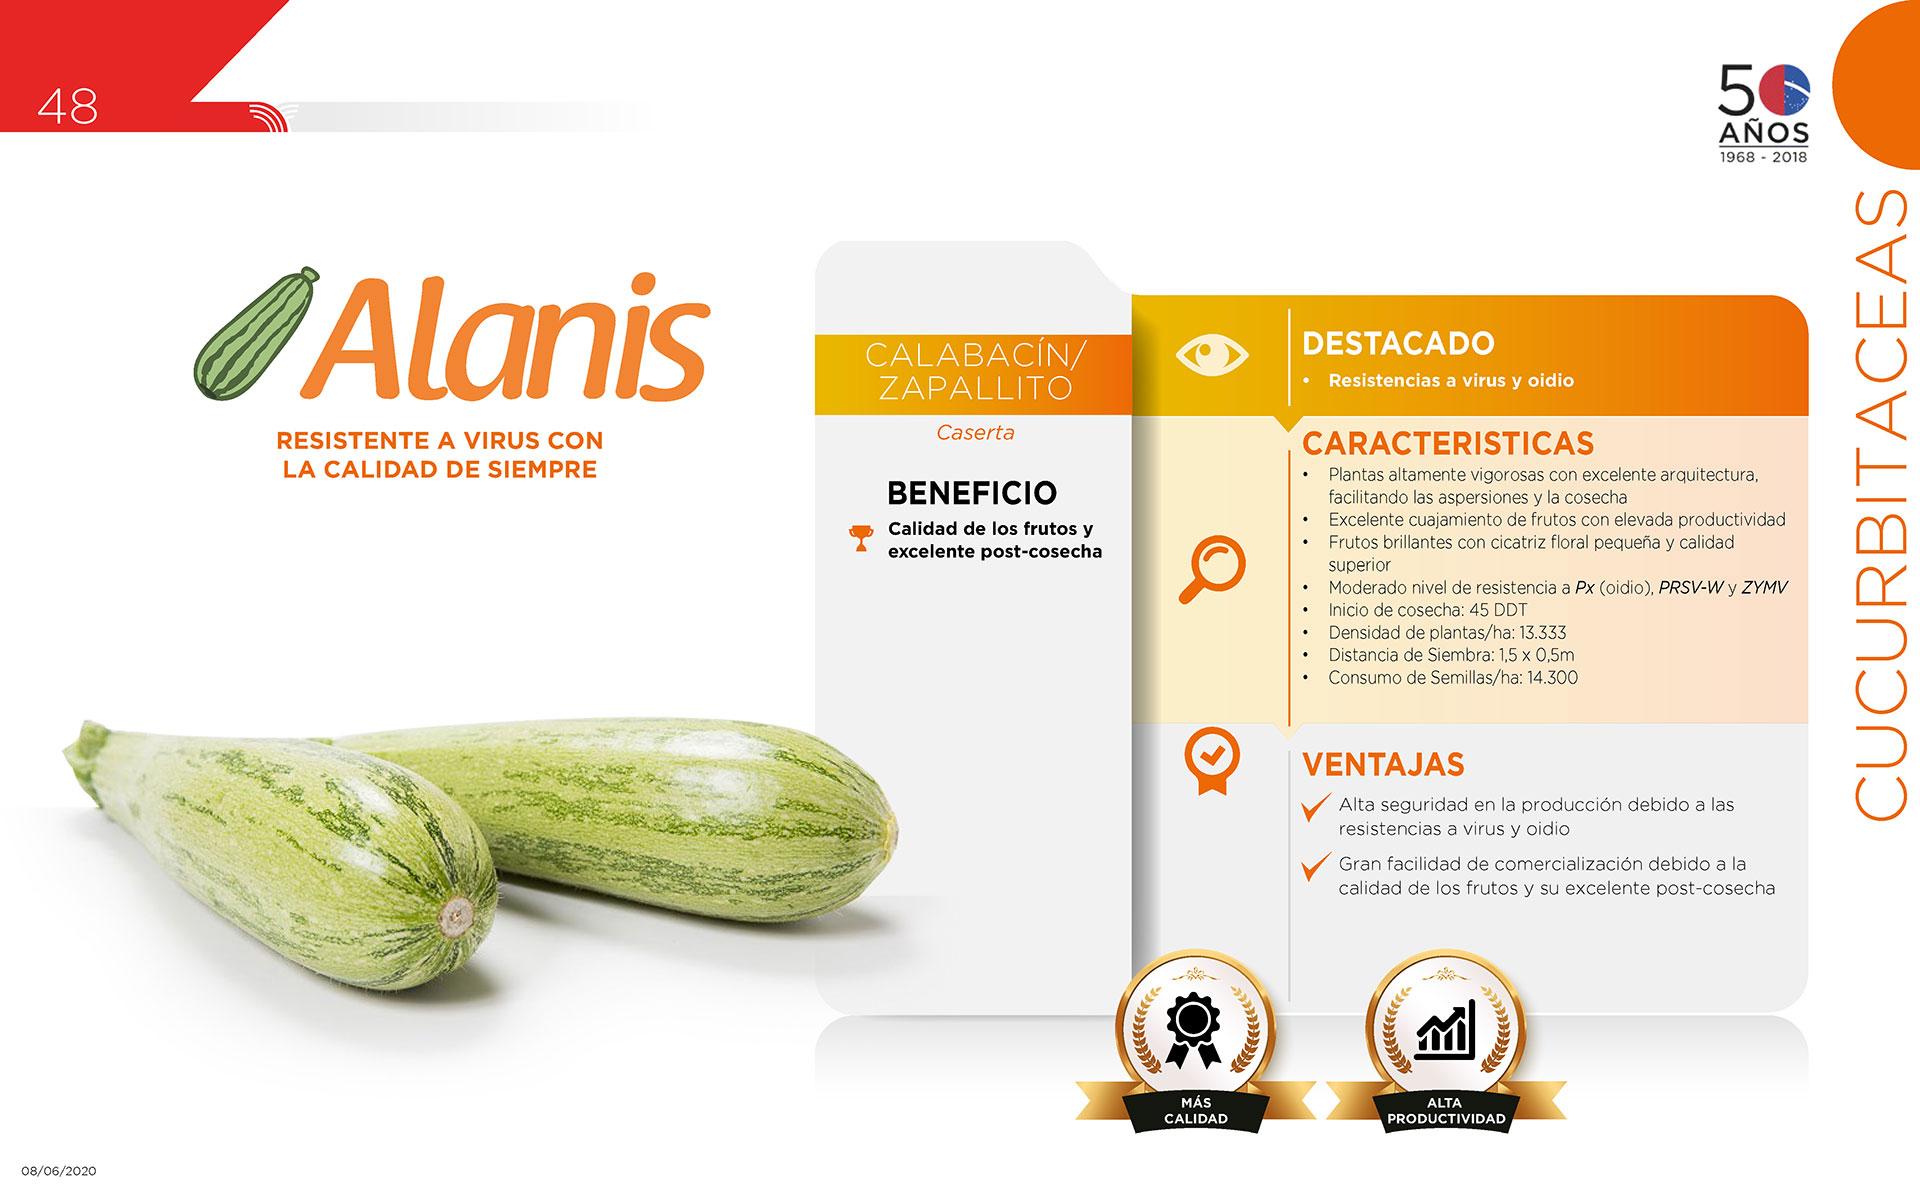 Alanis - Cucurbitaceas